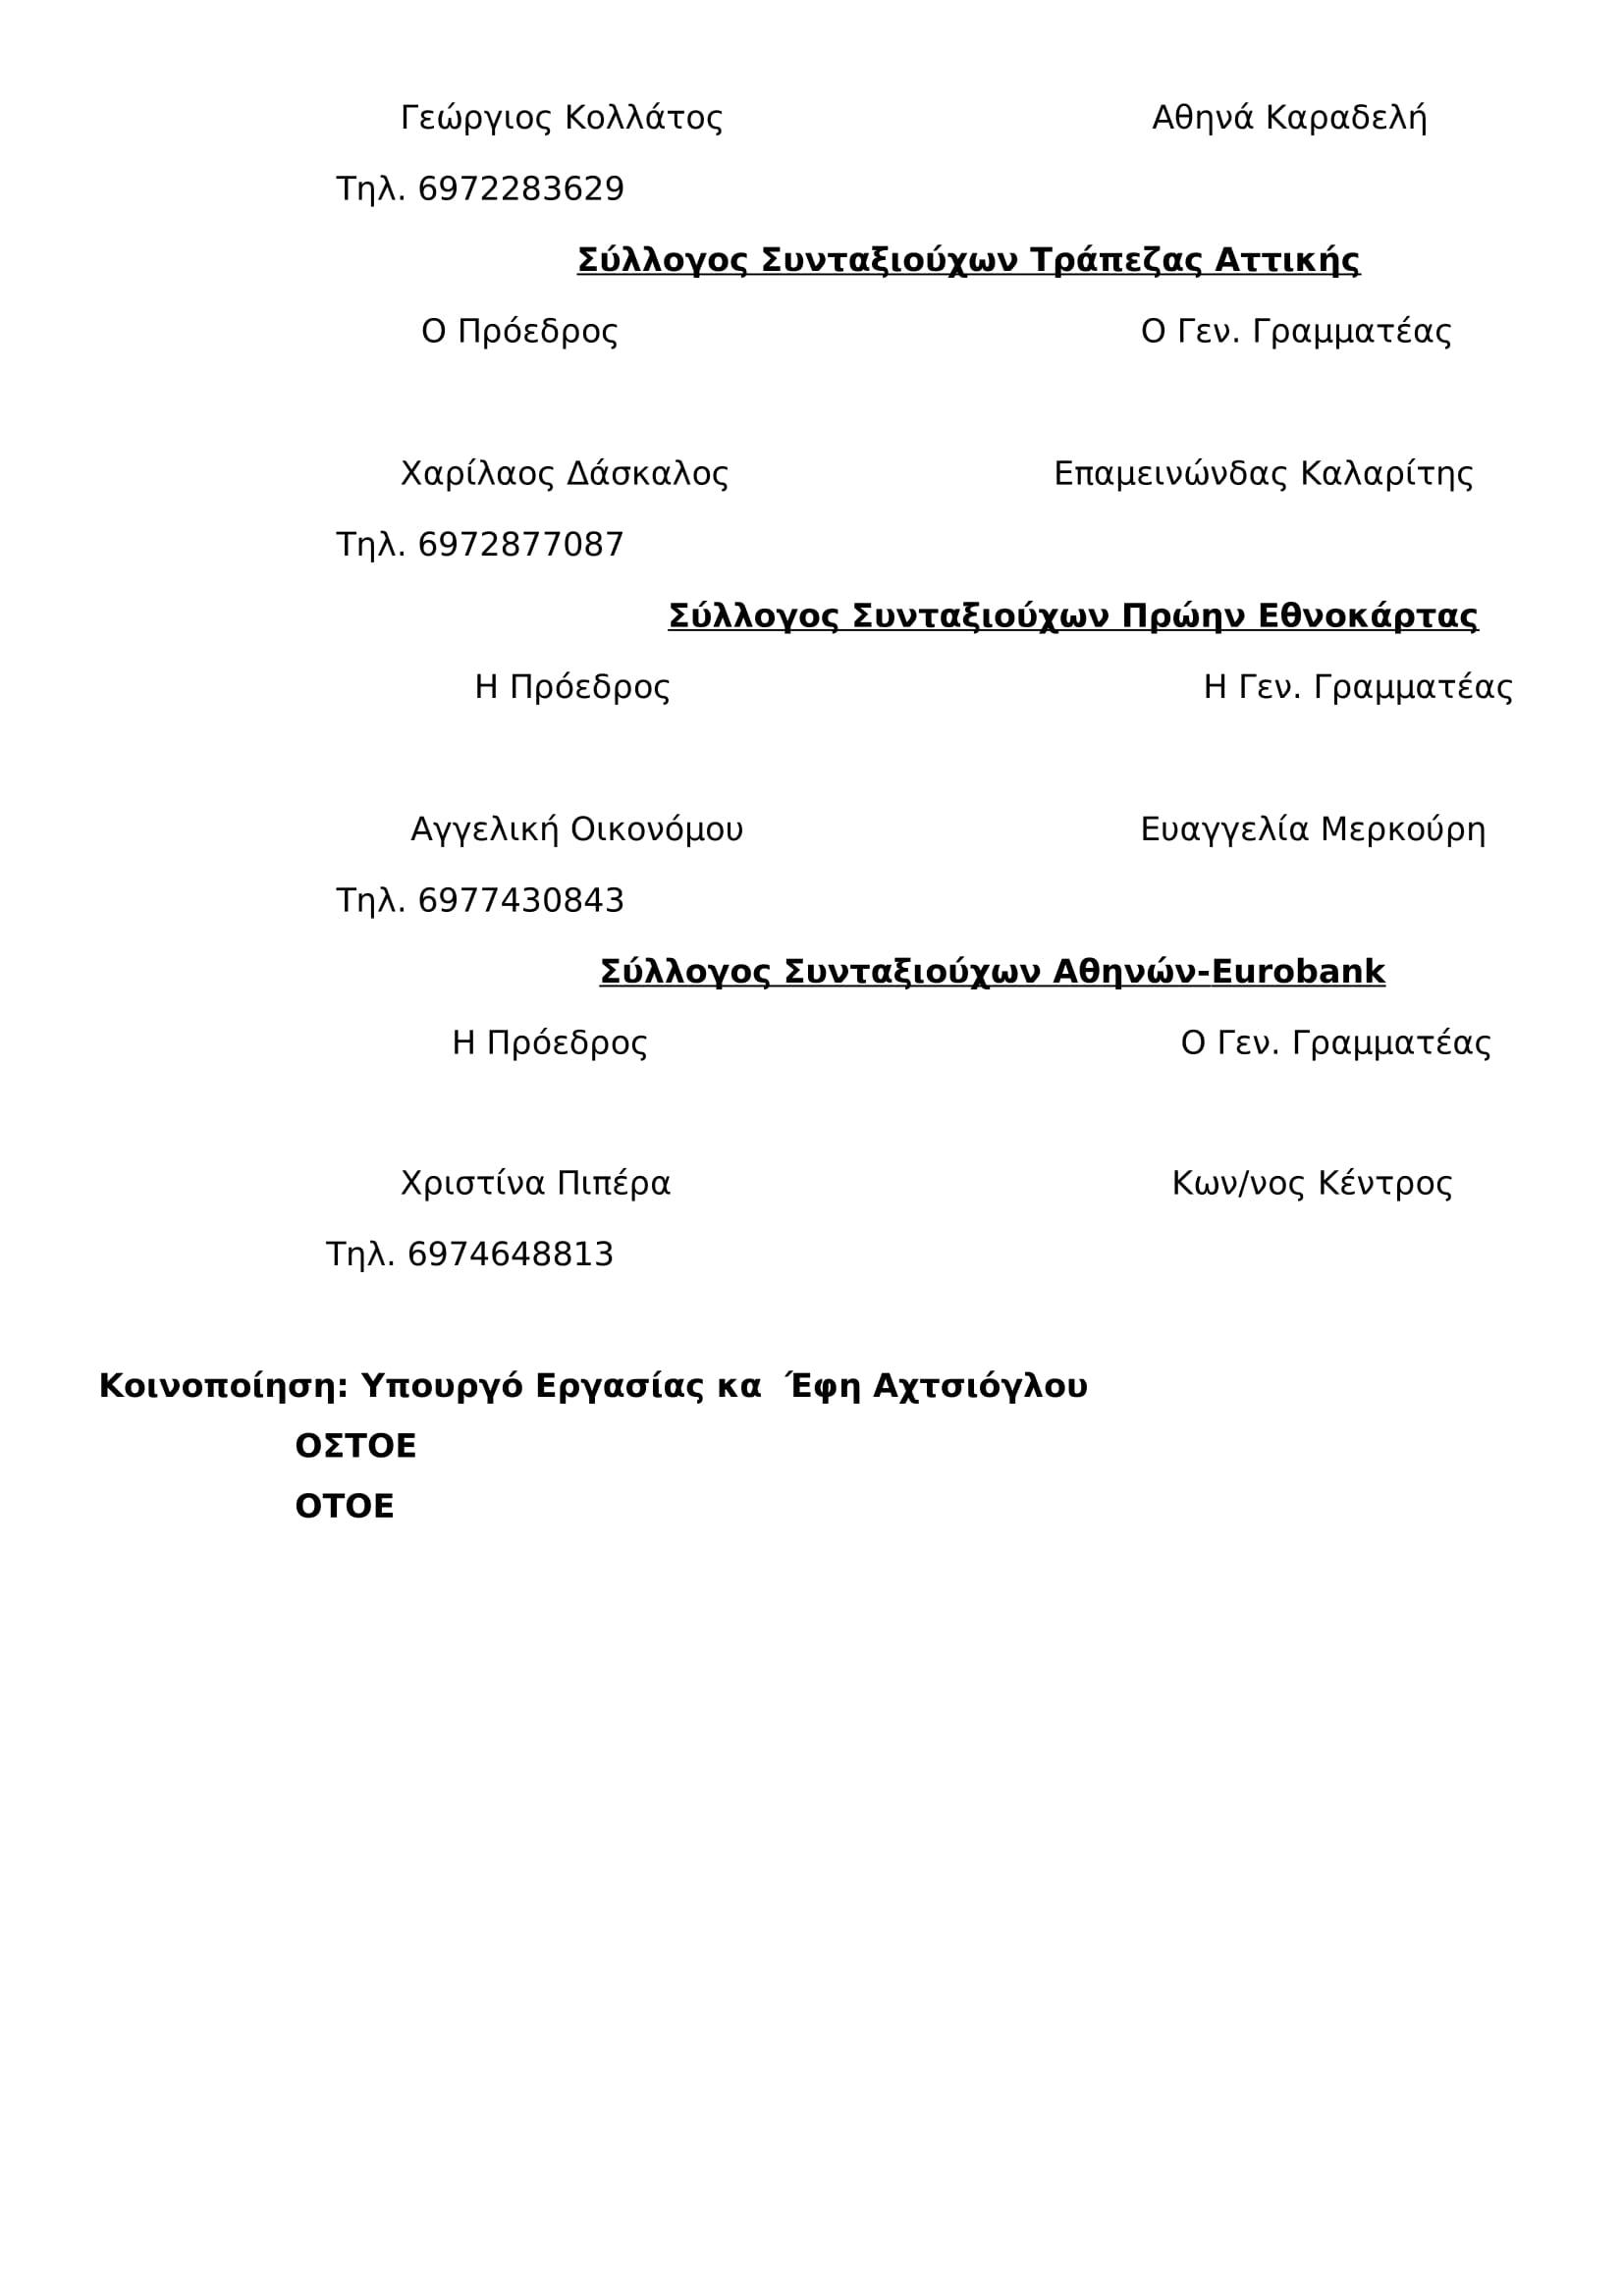 petropoulos-23-11-2017-2